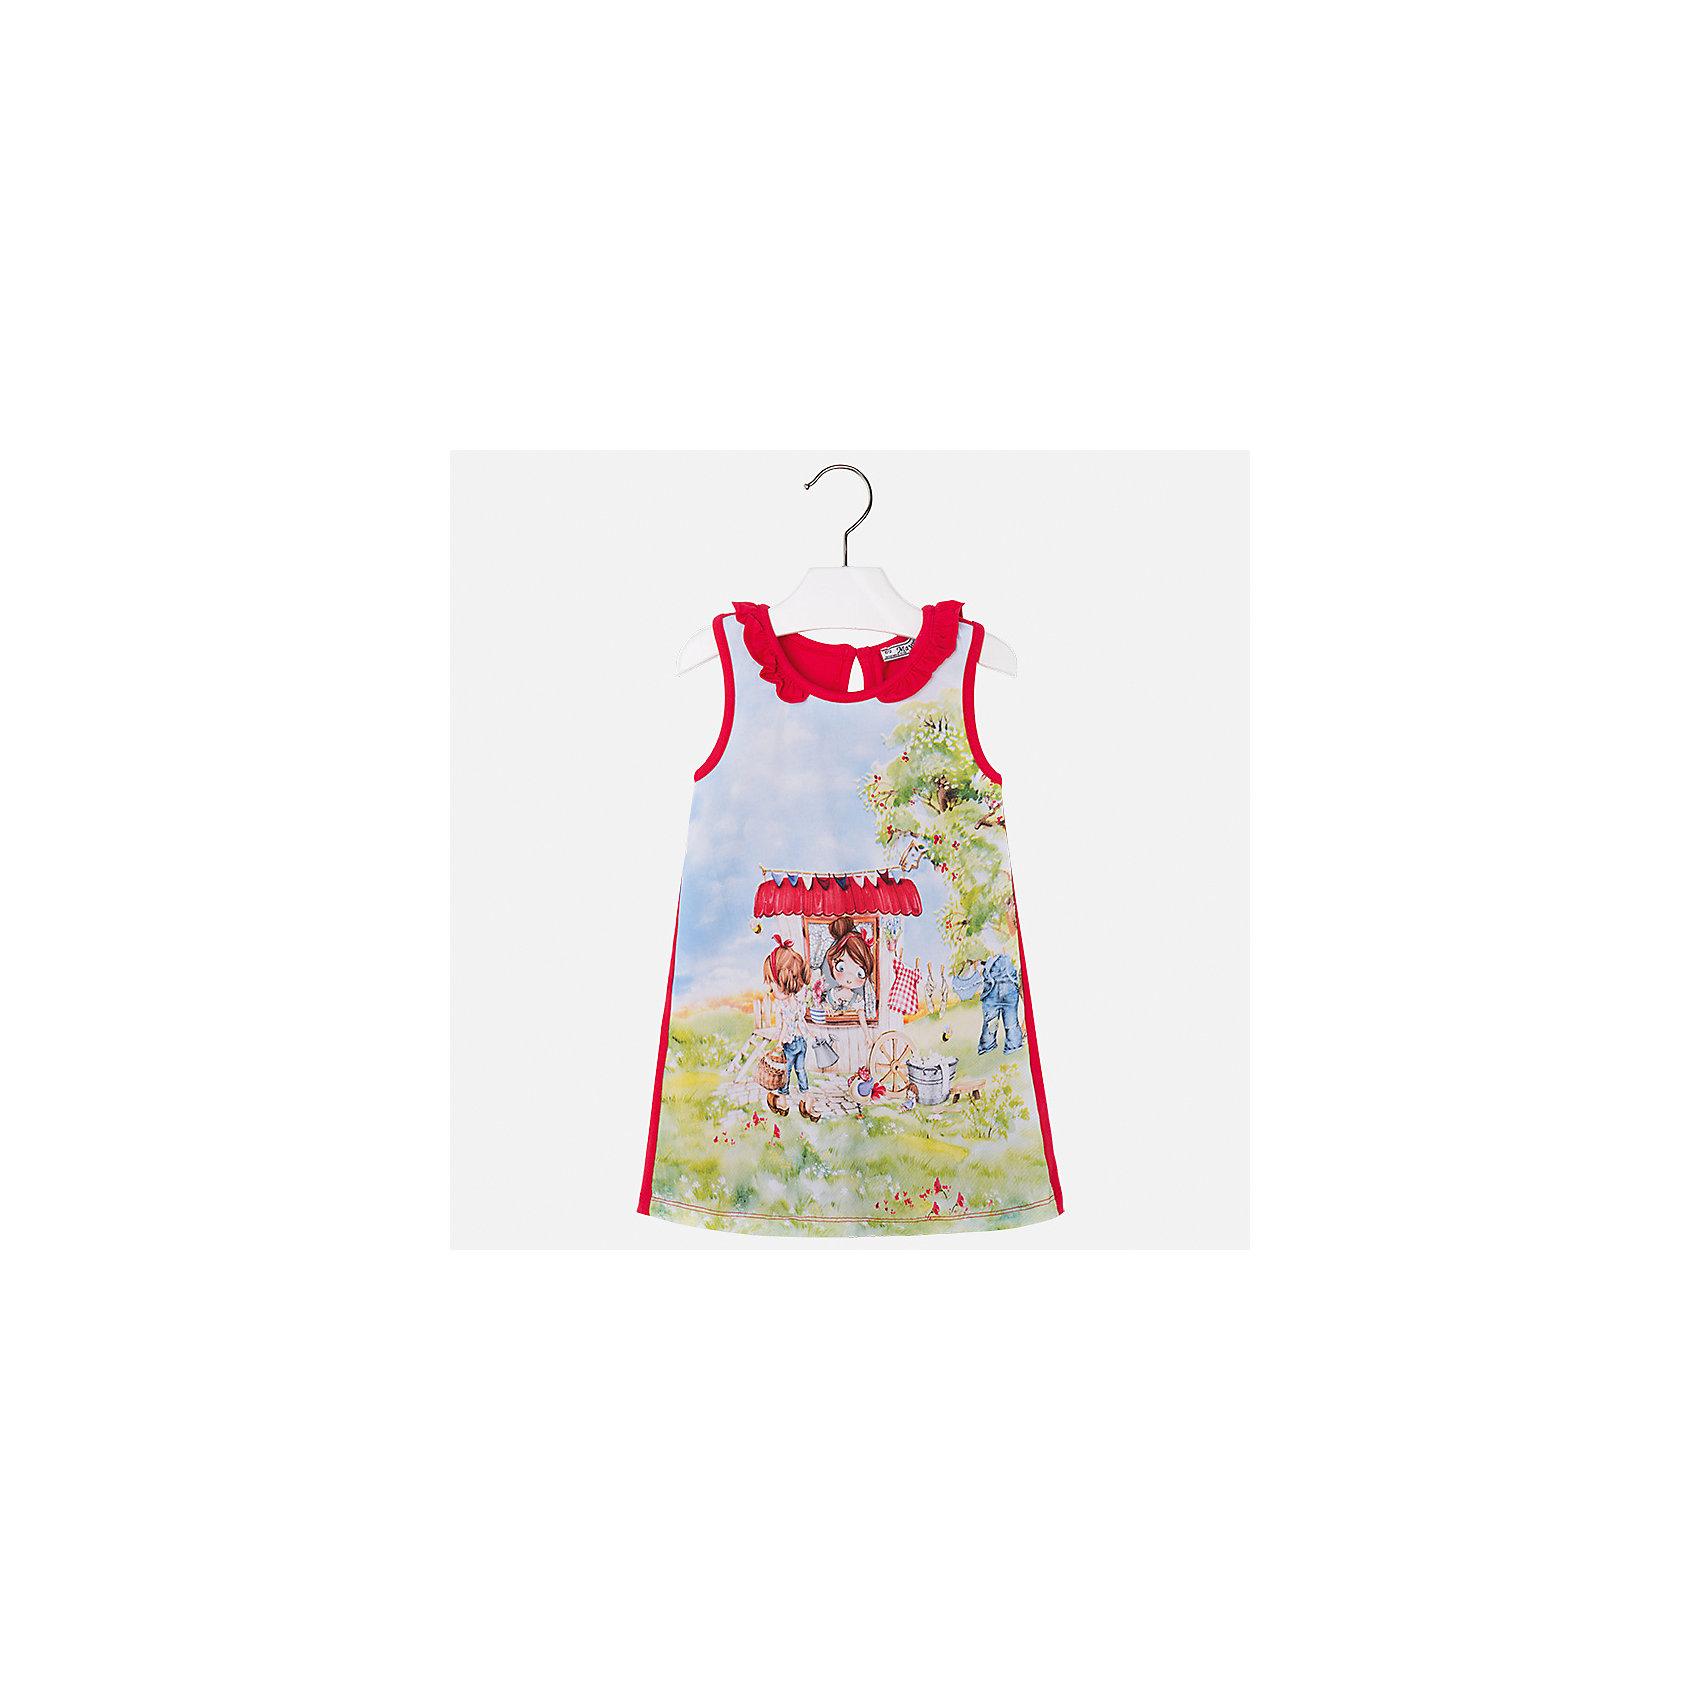 Платье для девочки MayoralПлатья и сарафаны<br>Характеристики товара:<br><br>• цвет: мультиколор/красный<br>• состав: 95% хлопок, 5% эластан<br>• застежка: пуговица<br>• комбинированный материал<br>• без рукавов<br>• декорировано принтом<br>• страна бренда: Испания<br><br>Стильное платье для девочки поможет разнообразить гардероб ребенка и создать эффектный наряд. Оно подойдет для различных случаев. Красивый оттенок позволяет подобрать к вещи обувь разных расцветок. Платье хорошо сидит по фигуре. В составе материала - натуральный хлопок, гипоаллергенный, приятный на ощупь, дышащий.<br><br>Одежда, обувь и аксессуары от испанского бренда Mayoral полюбились детям и взрослым по всему миру. Модели этой марки - стильные и удобные. Для их производства используются только безопасные, качественные материалы и фурнитура. Порадуйте ребенка модными и красивыми вещами от Mayoral! <br><br>Платье для девочки от испанского бренда Mayoral (Майорал) можно купить в нашем интернет-магазине.<br><br>Ширина мм: 236<br>Глубина мм: 16<br>Высота мм: 184<br>Вес г: 177<br>Цвет: красный<br>Возраст от месяцев: 18<br>Возраст до месяцев: 24<br>Пол: Женский<br>Возраст: Детский<br>Размер: 92,134,98,104,110,116,122,128<br>SKU: 5300654